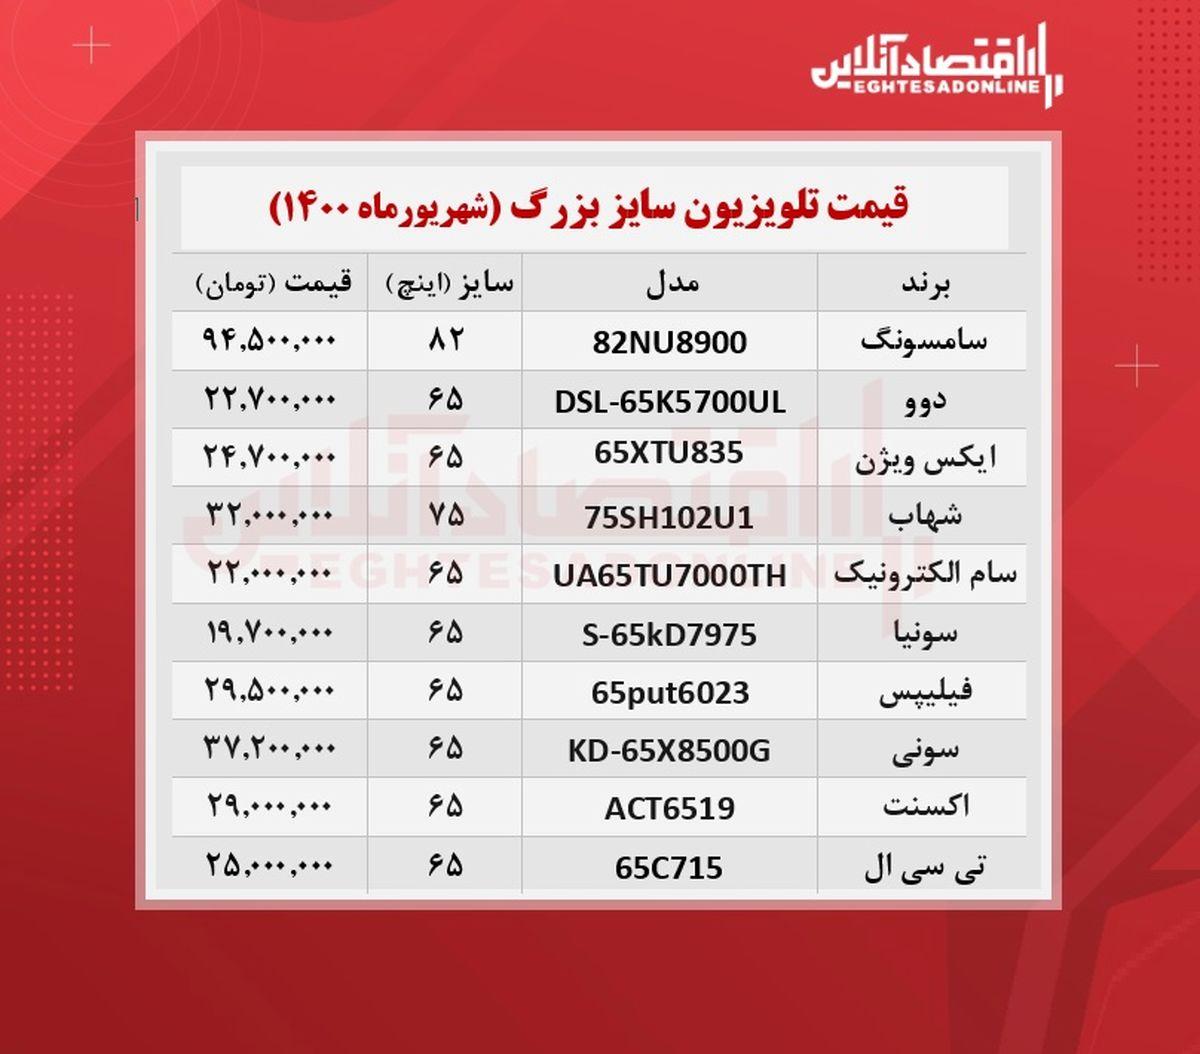 قیمت جدید تلویزیون بزرگ! / ۱۲شهریورماه